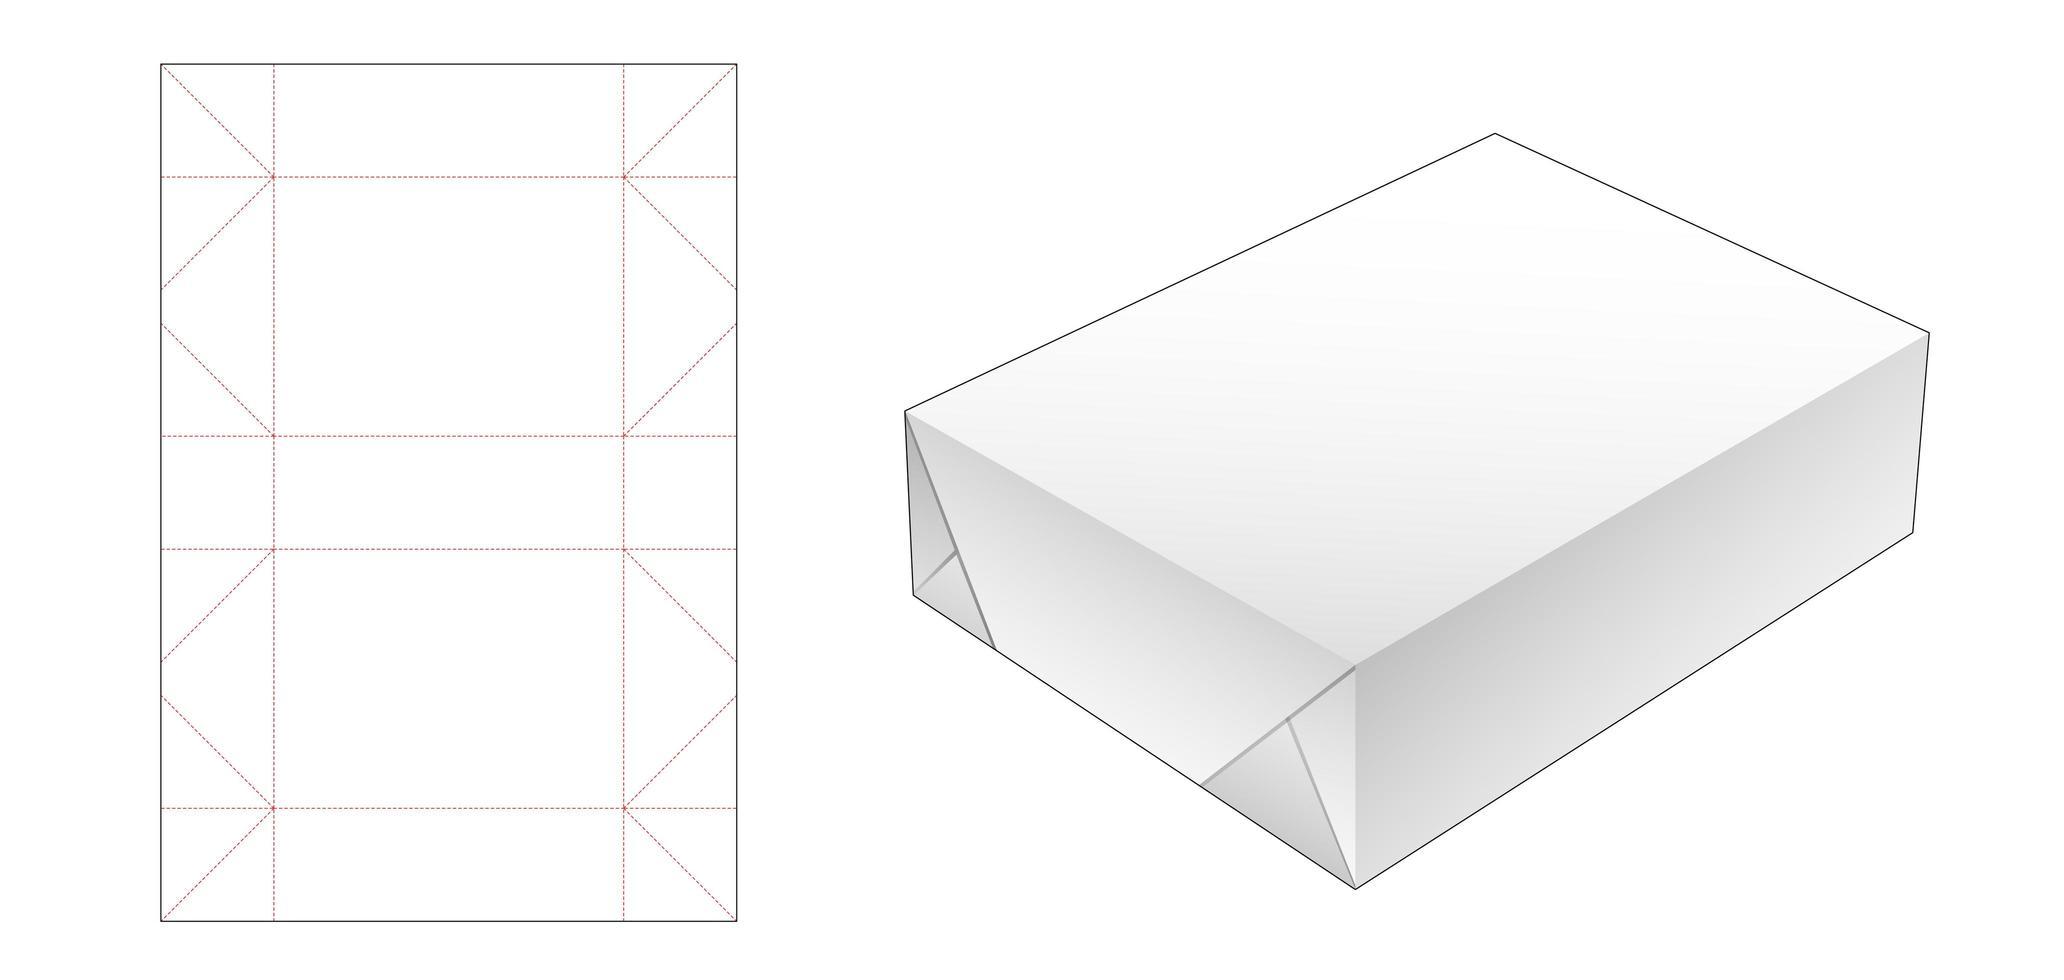 förpackningspapper vektor